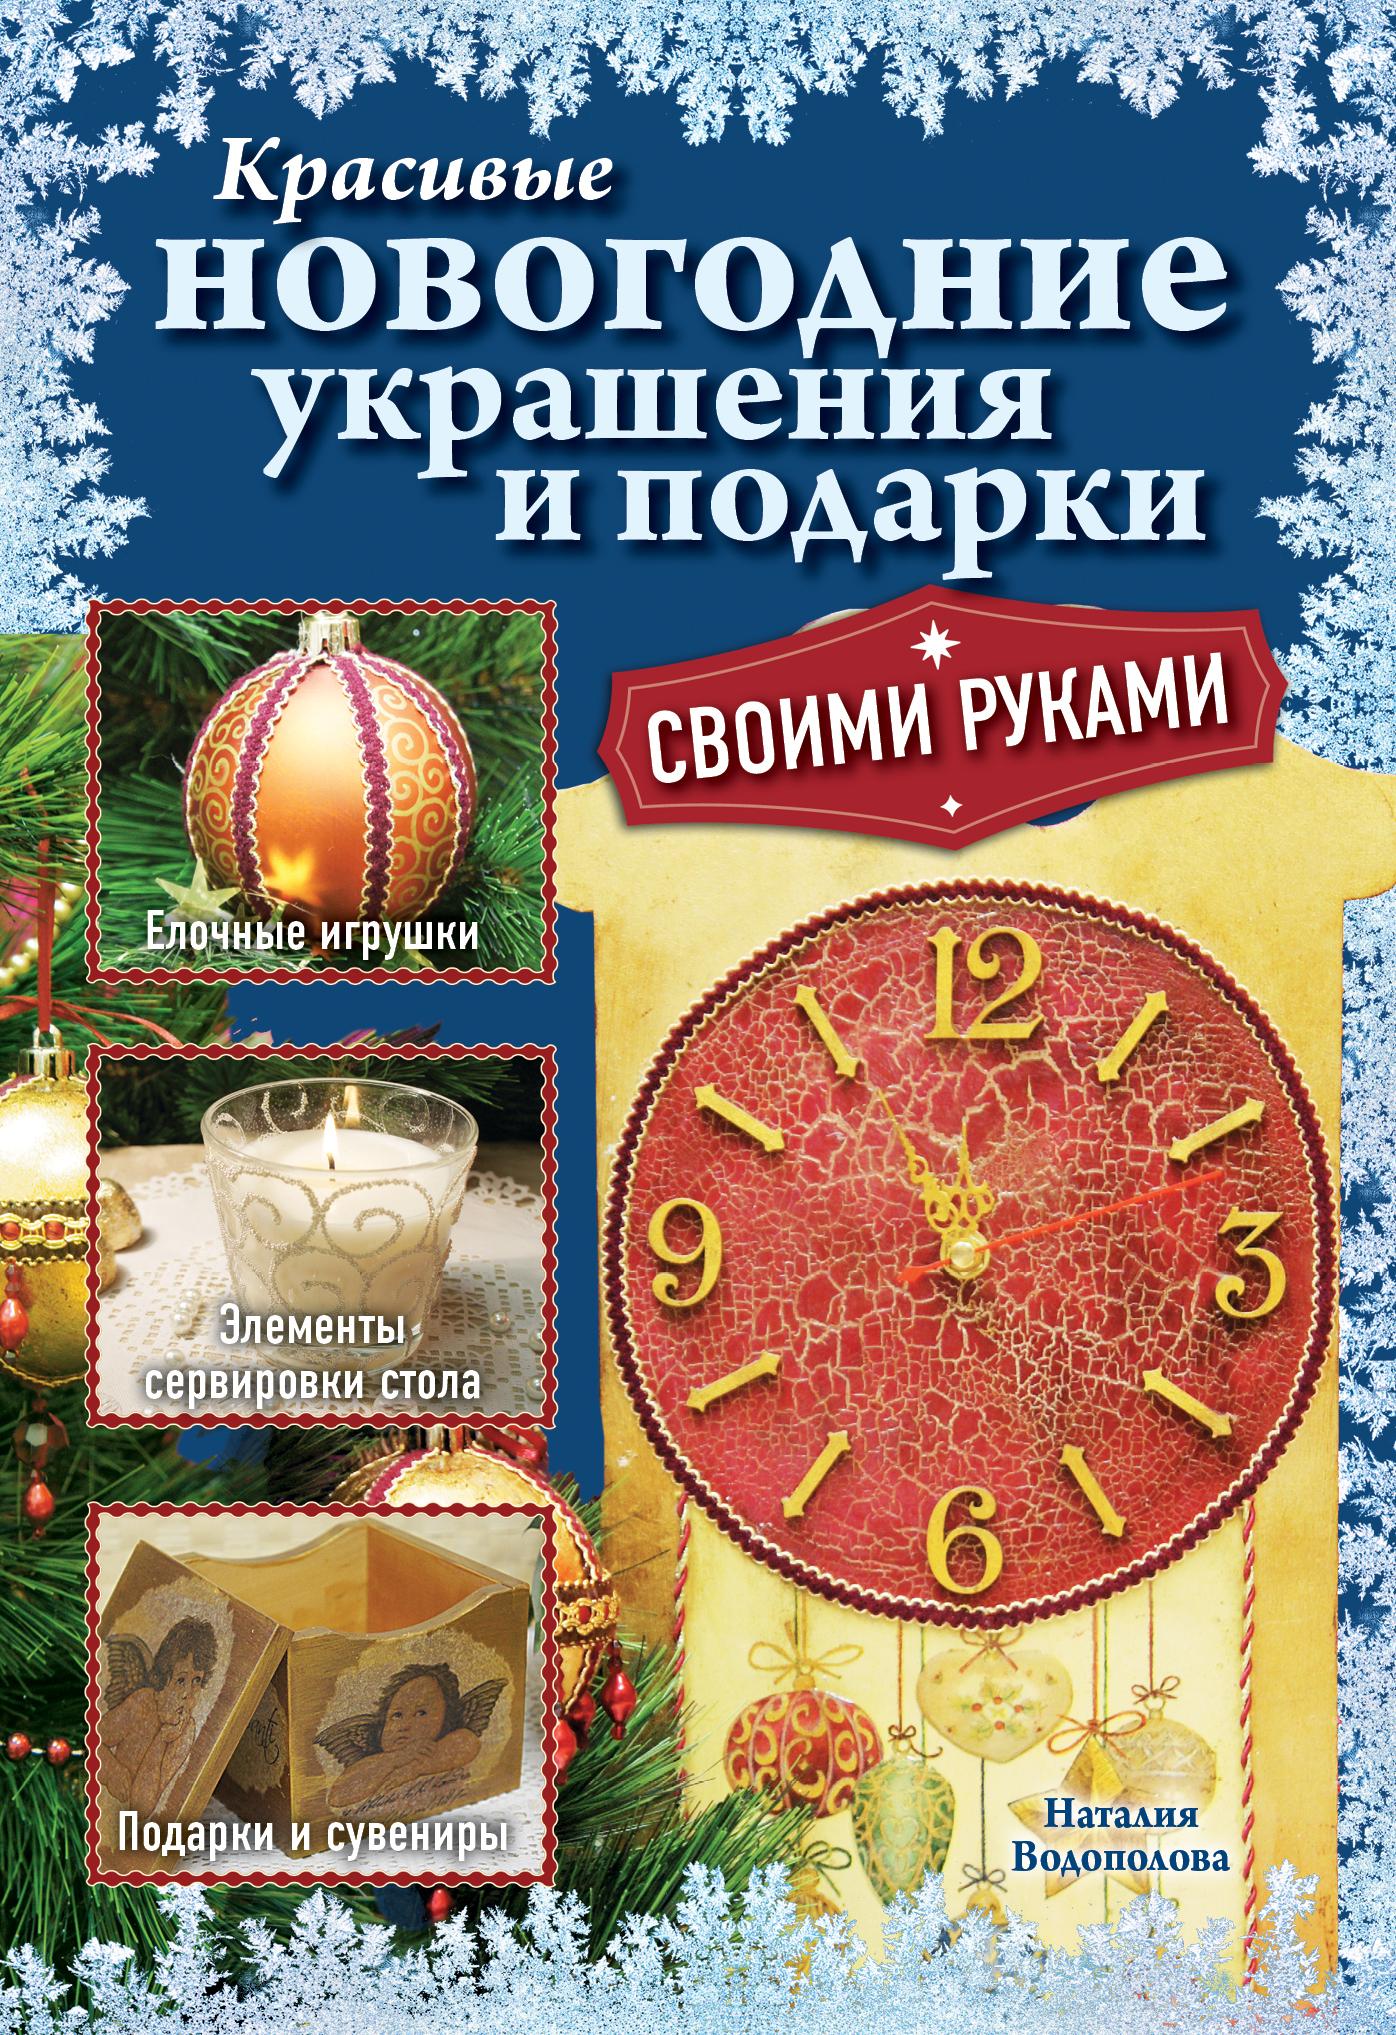 Красивые новогодние украшения и подарки своими руками